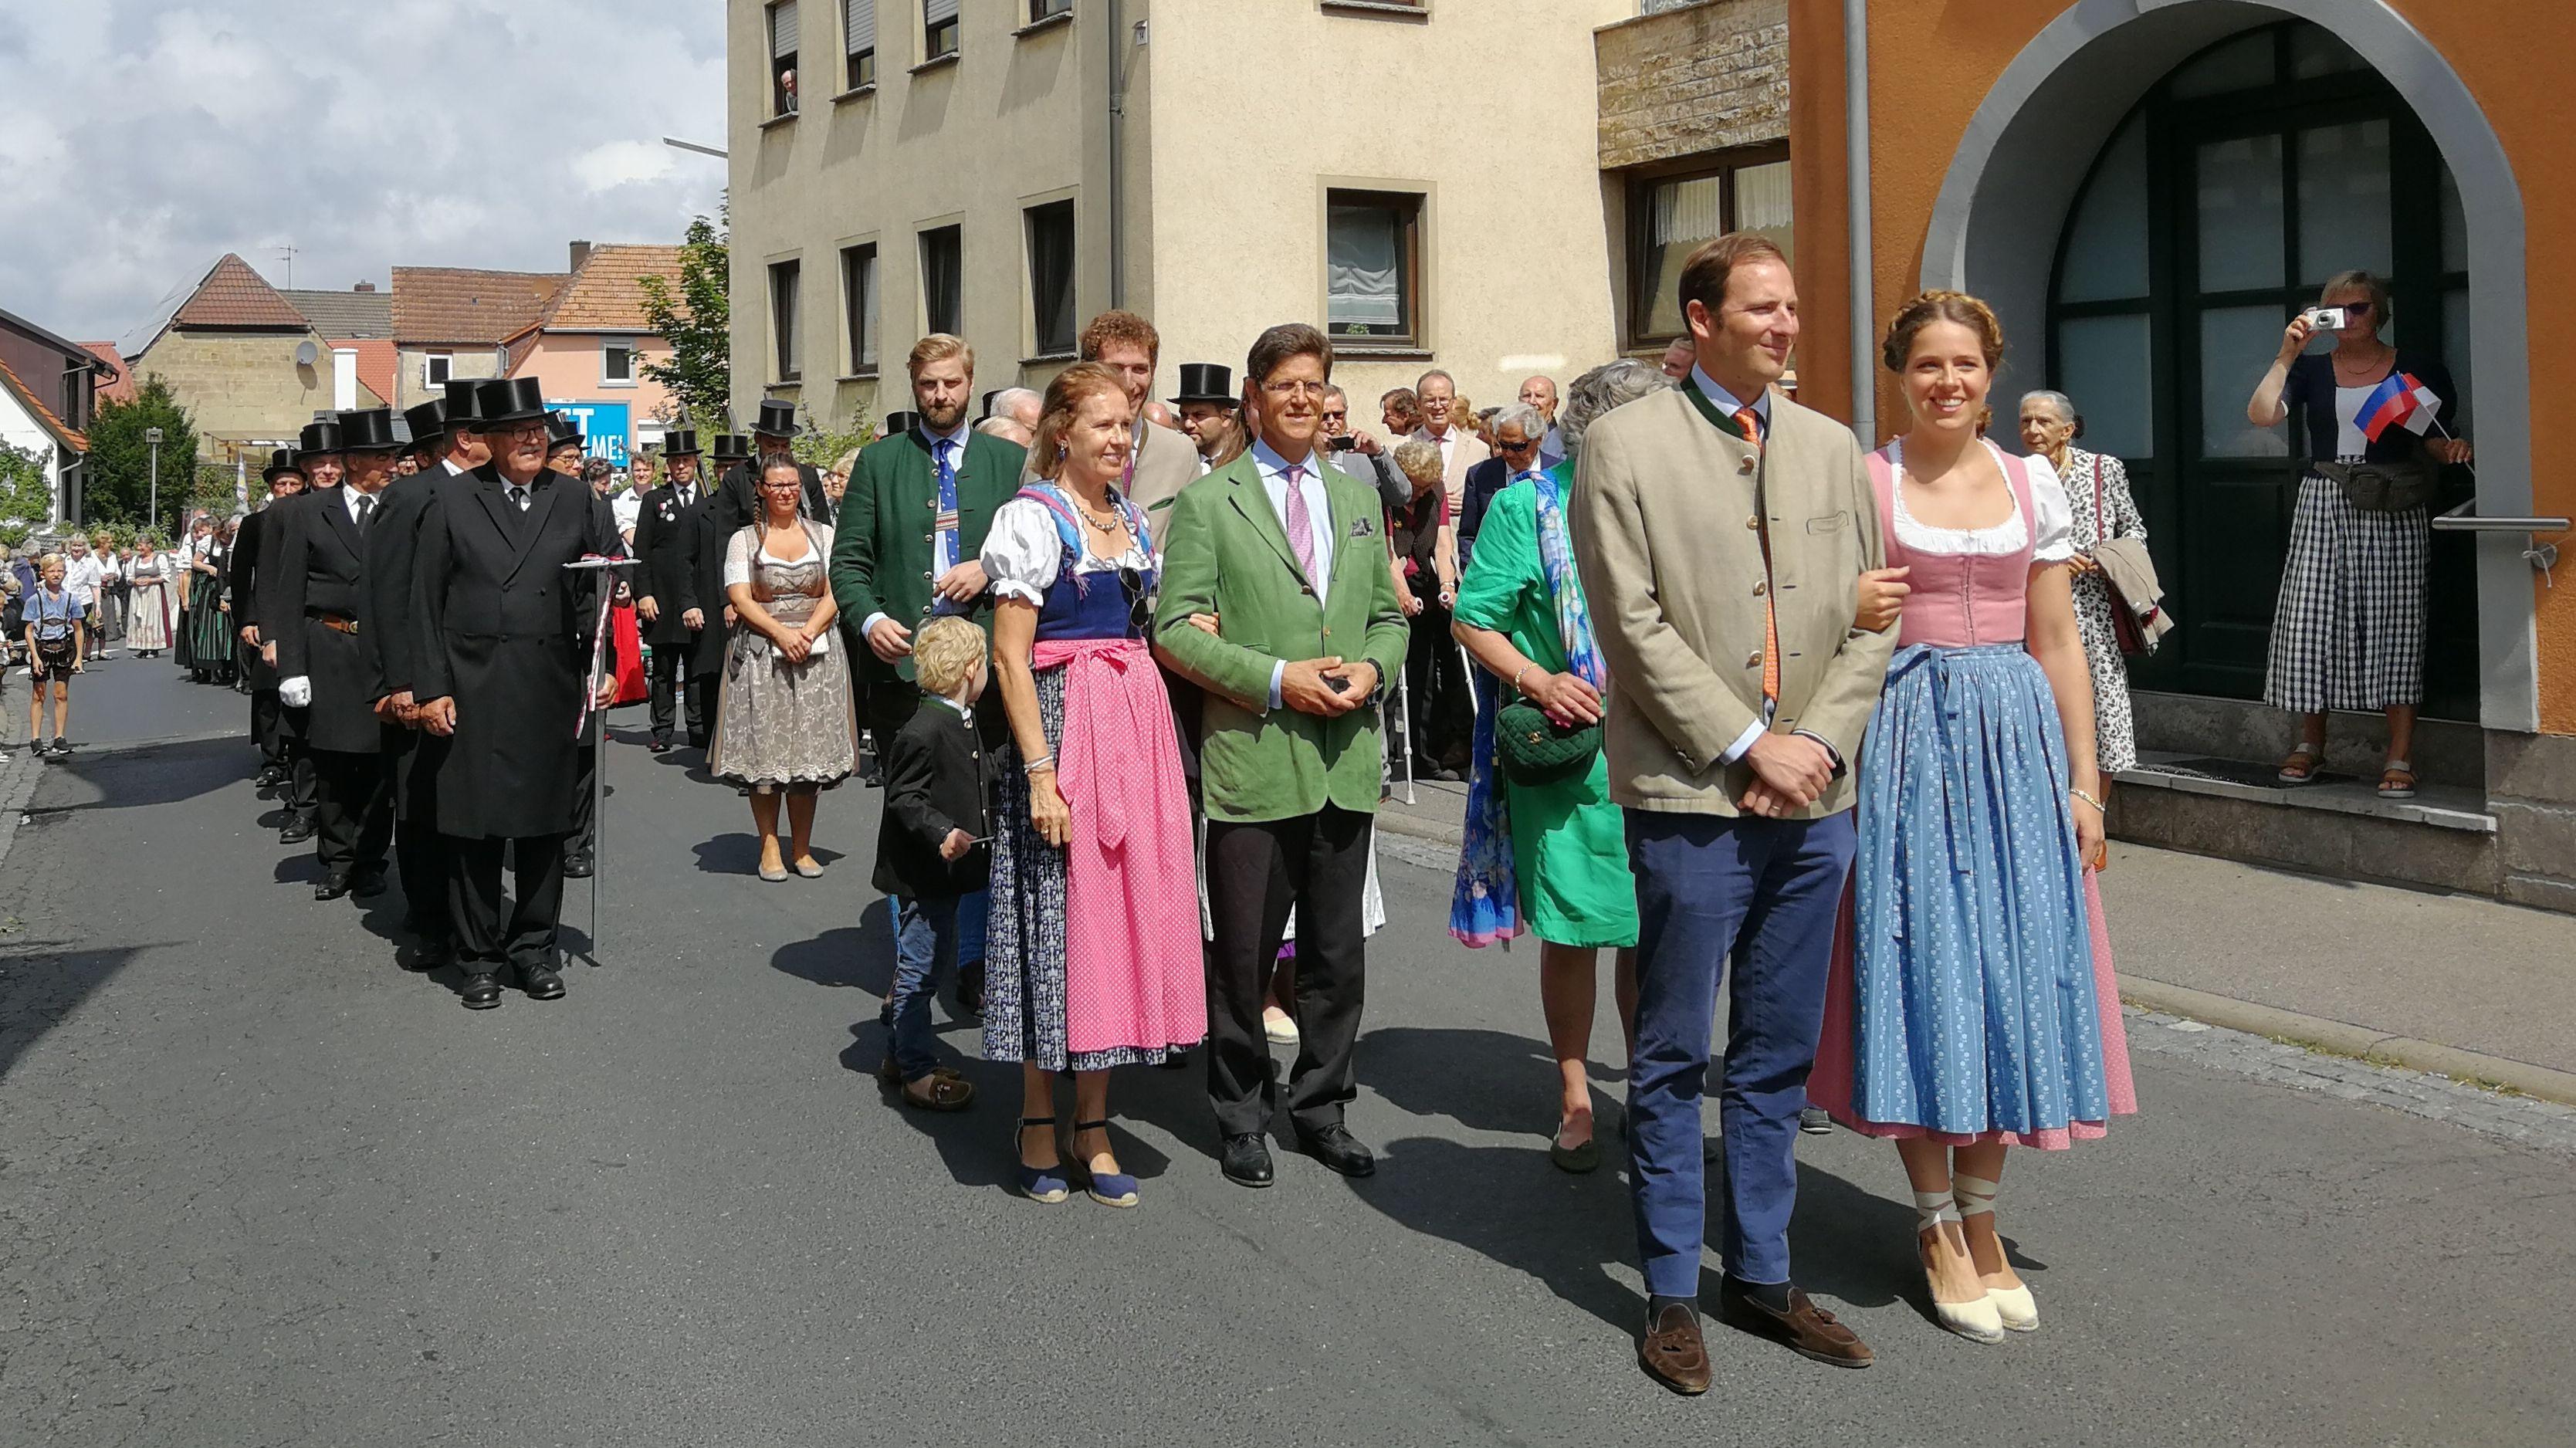 Festzug mit dem Fürstenpaar